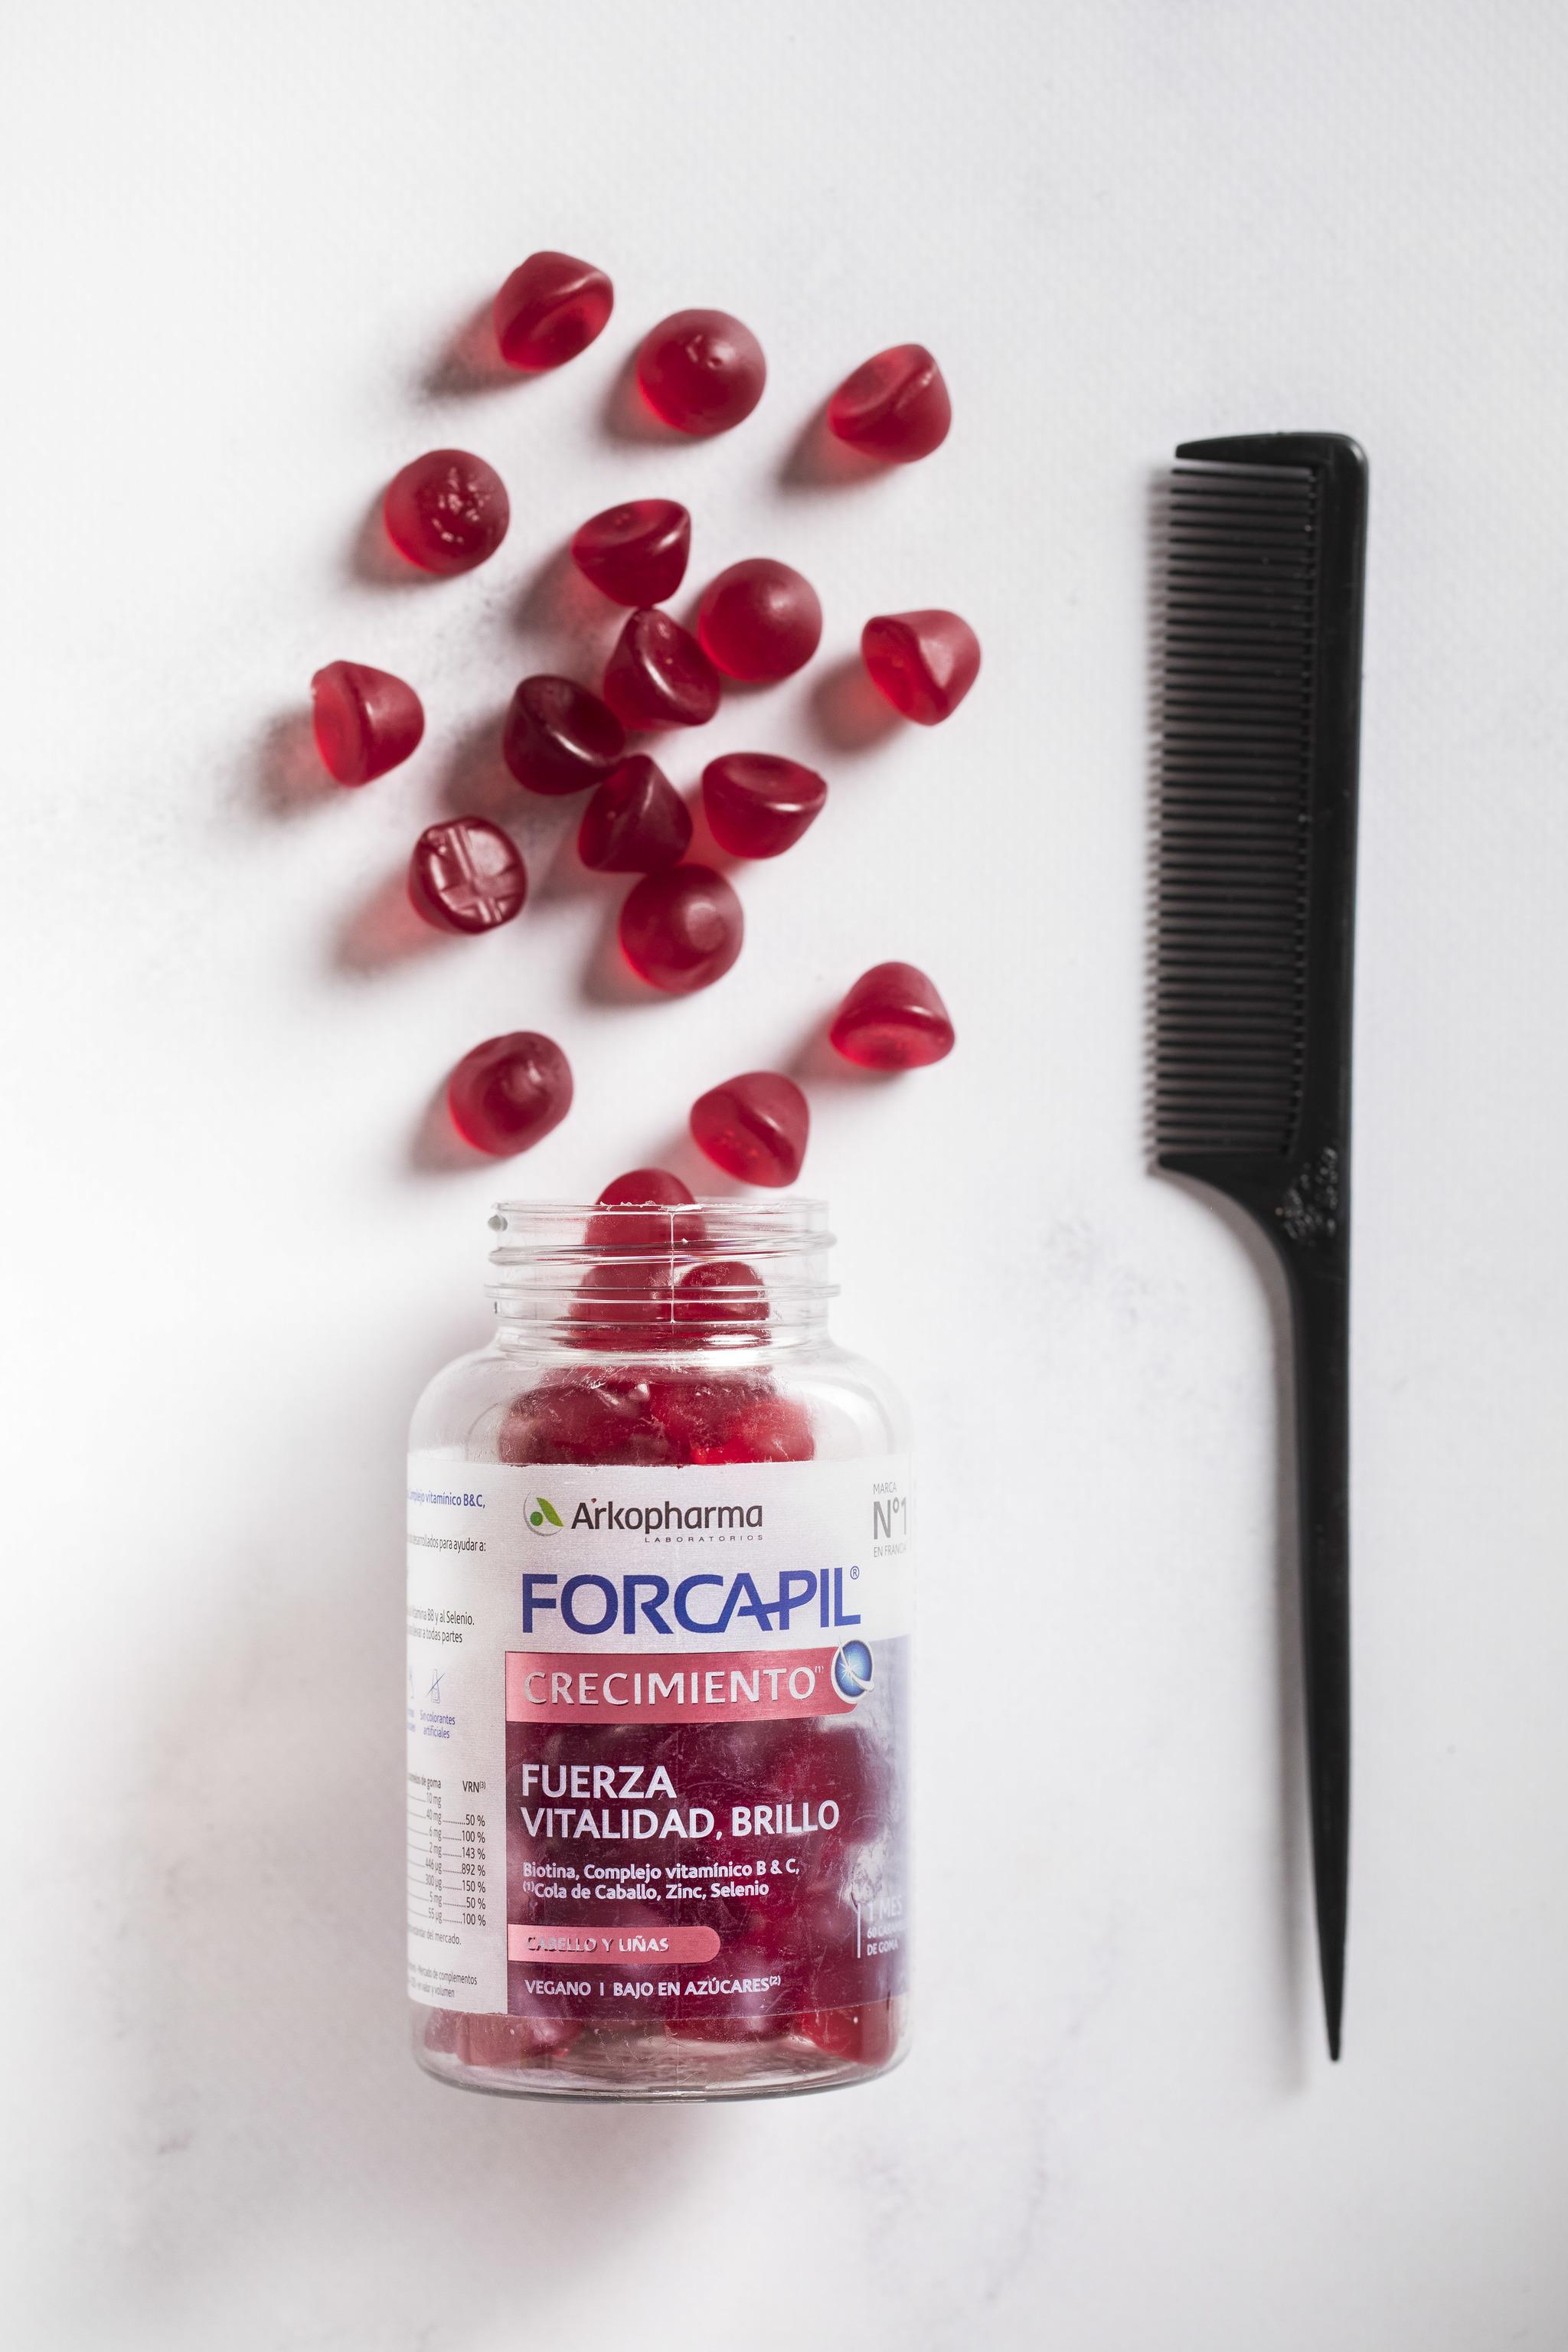 Gominolas Forcapil Crecimiento Gummies de Arkopharma para impulsar el crecimiento del cabello y darle a tu pelo ese extra de vitaminas, plantas y minerales.